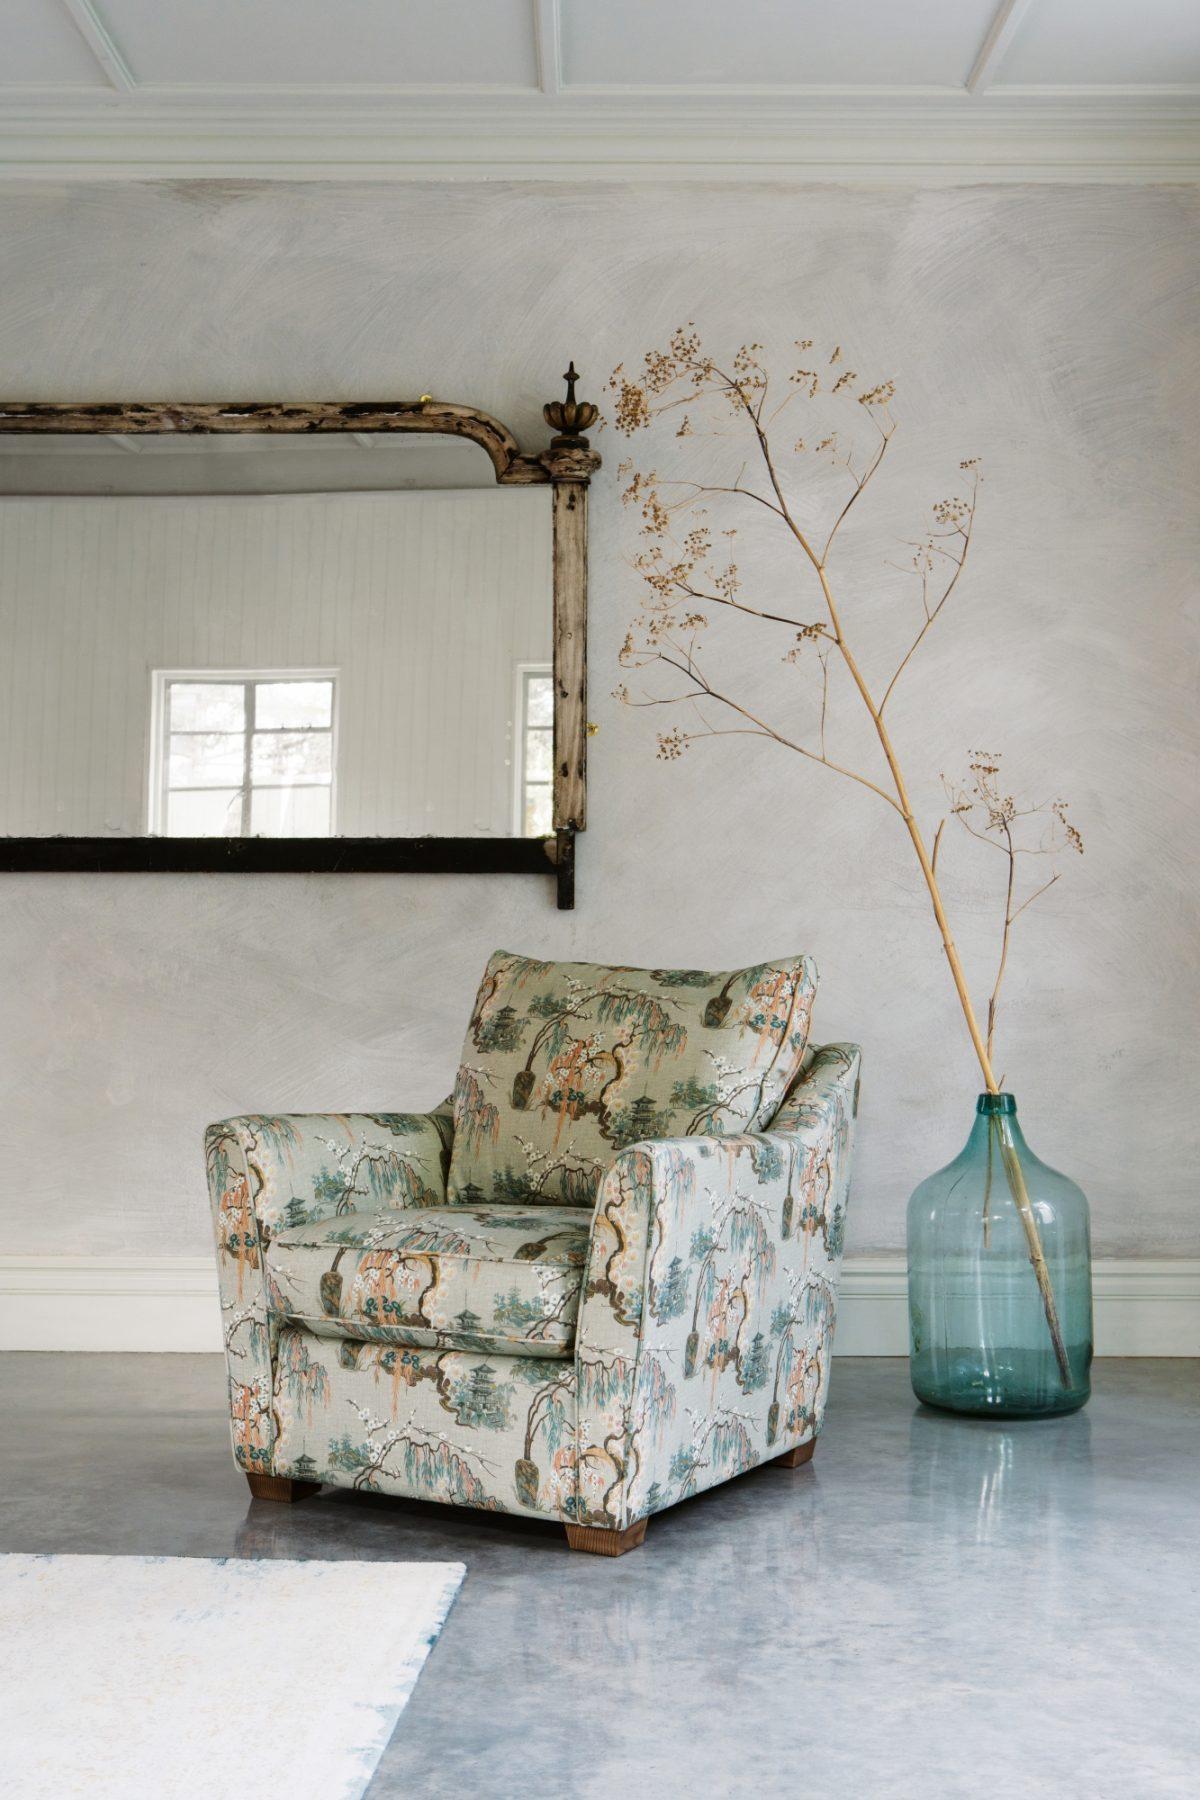 Hawthorne Chair in Temple Rosequartz